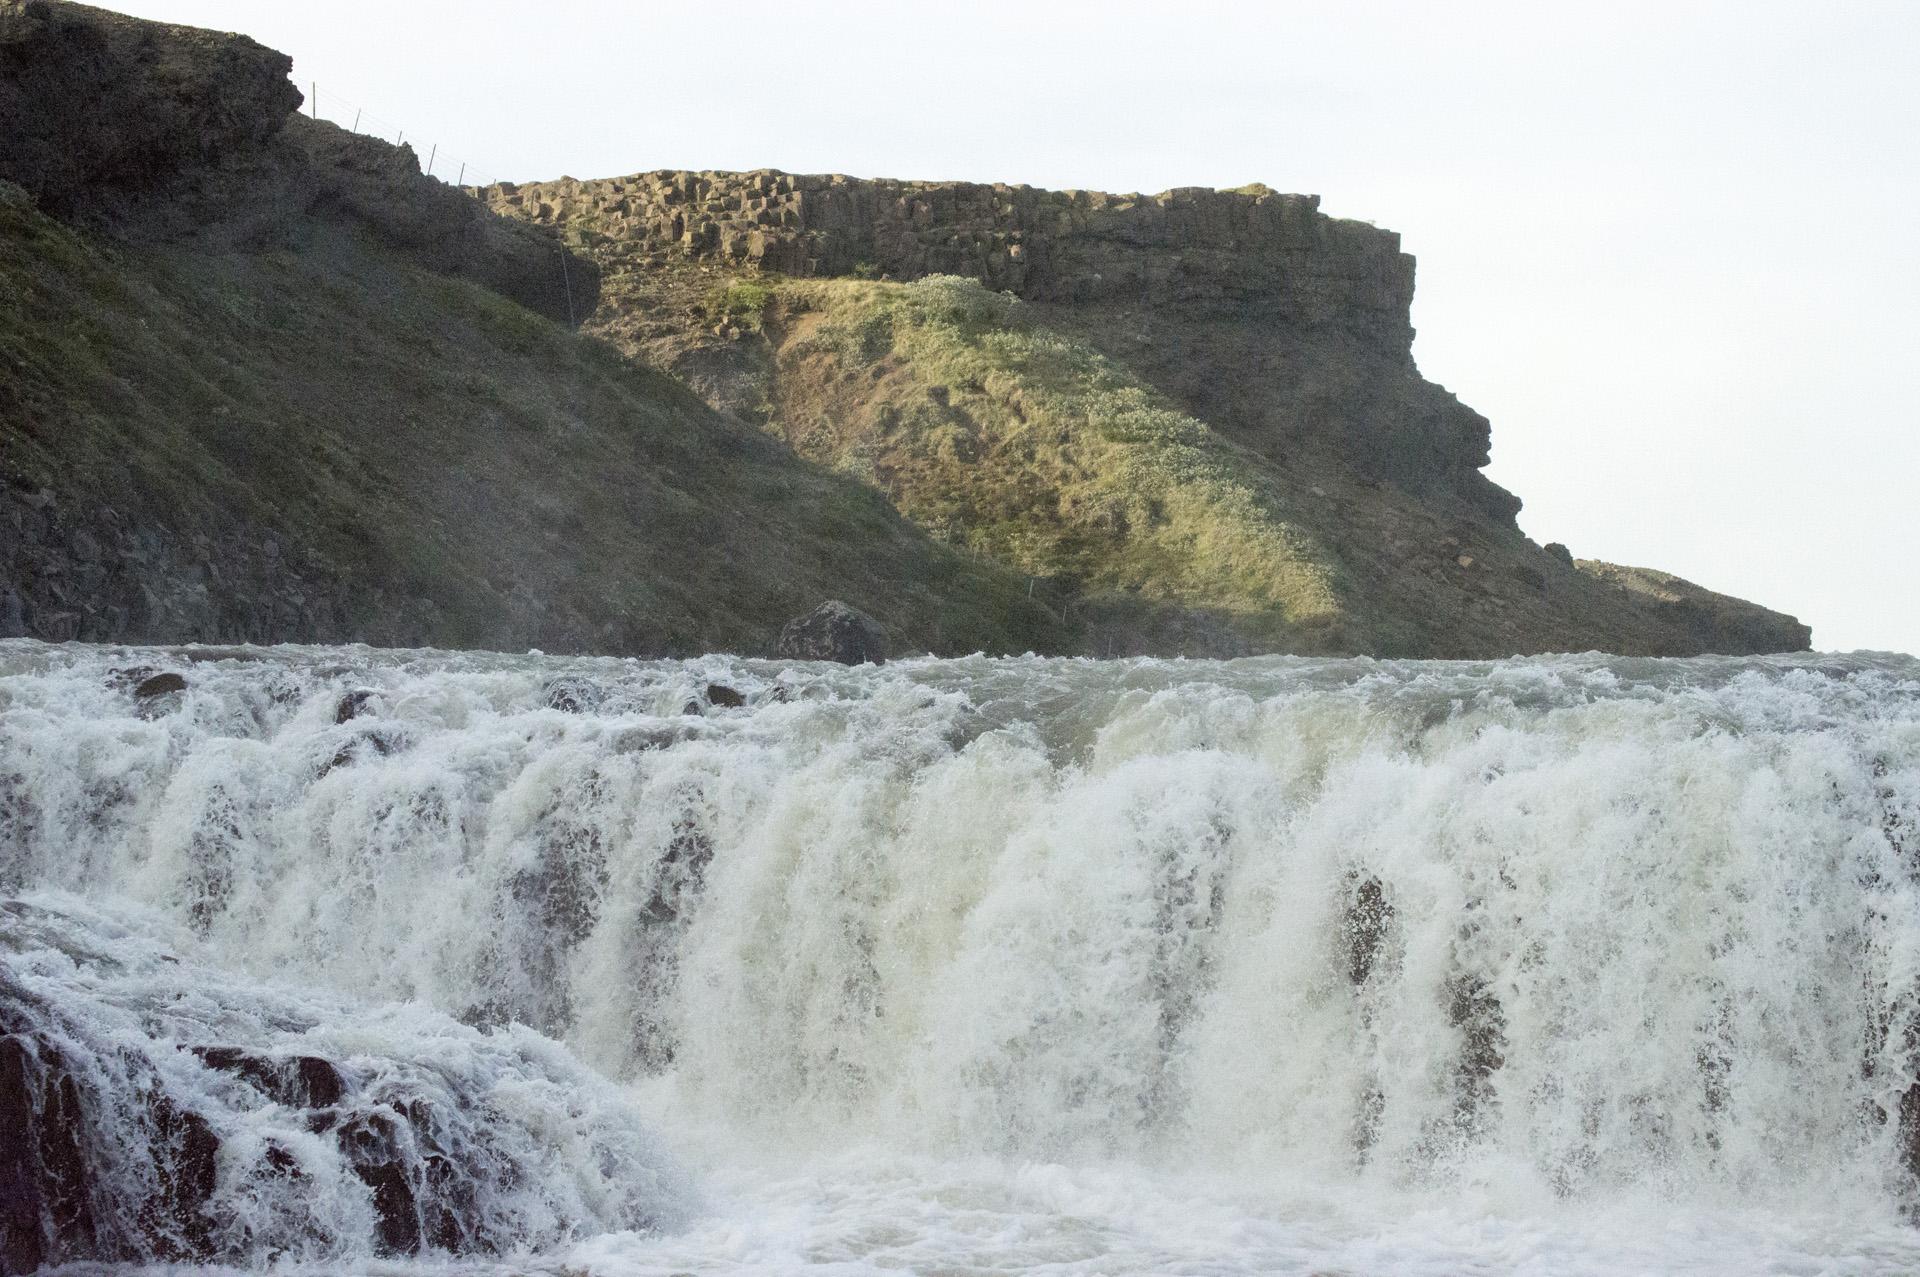 Upper steps of Gullfoss waterfall, Suðurland region, Iceland